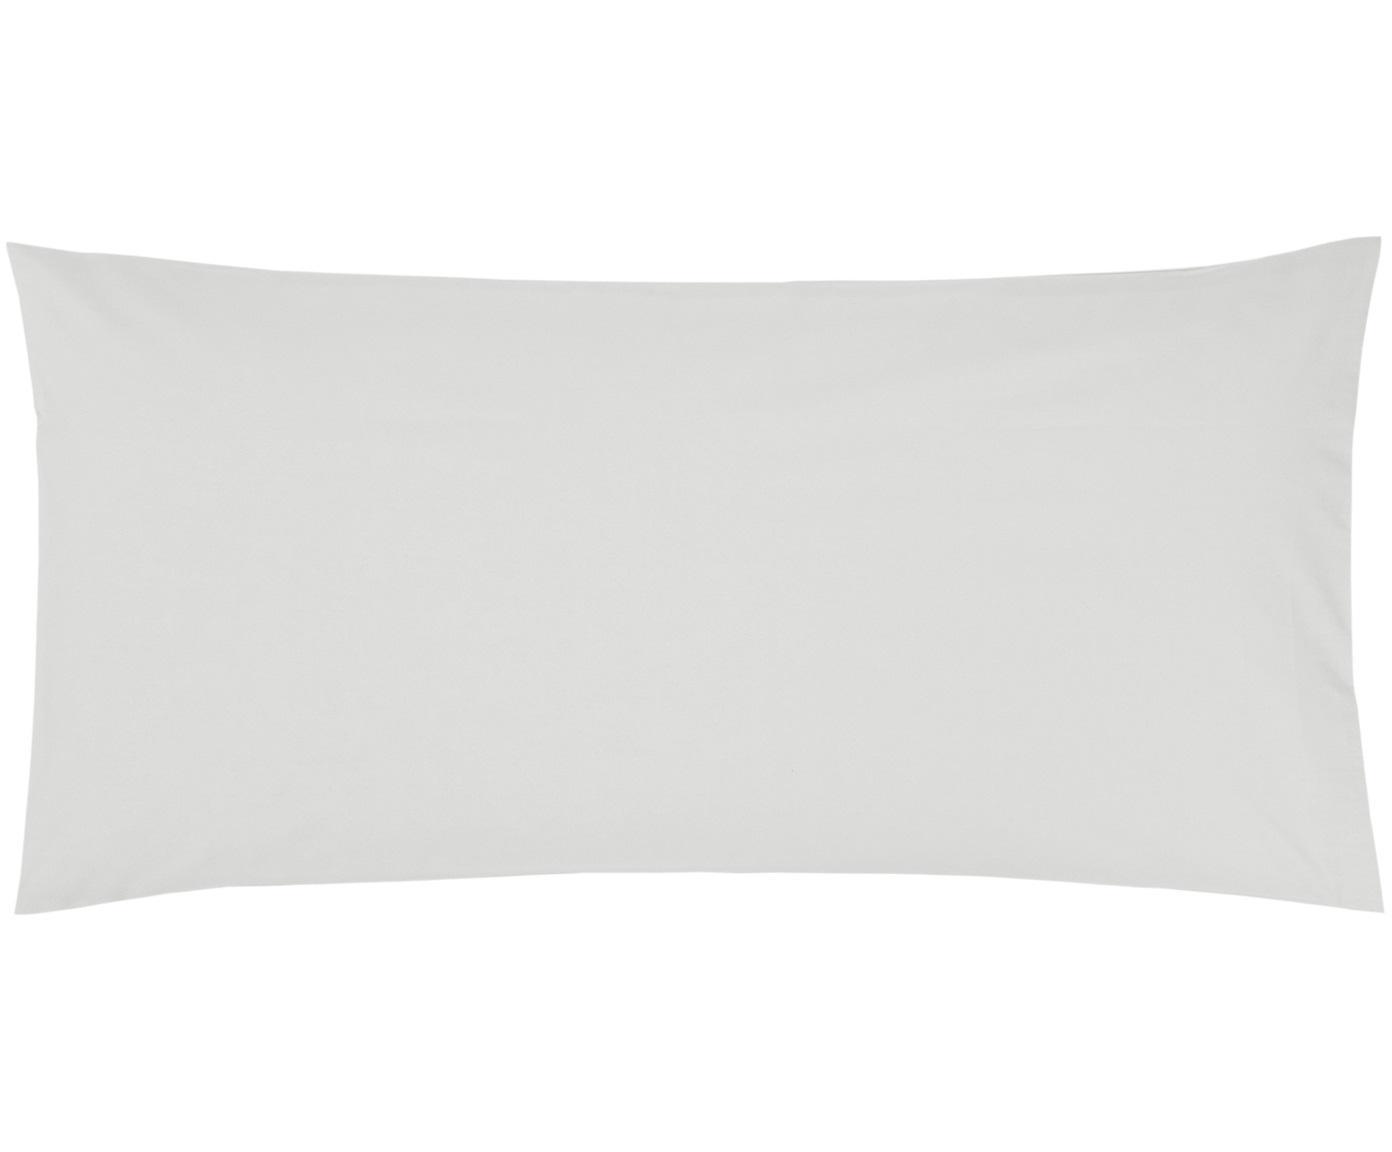 Poszewka na poduszkę z perkalu Elsie, 2 szt., Jasny szary, S 40 x D 80 cm